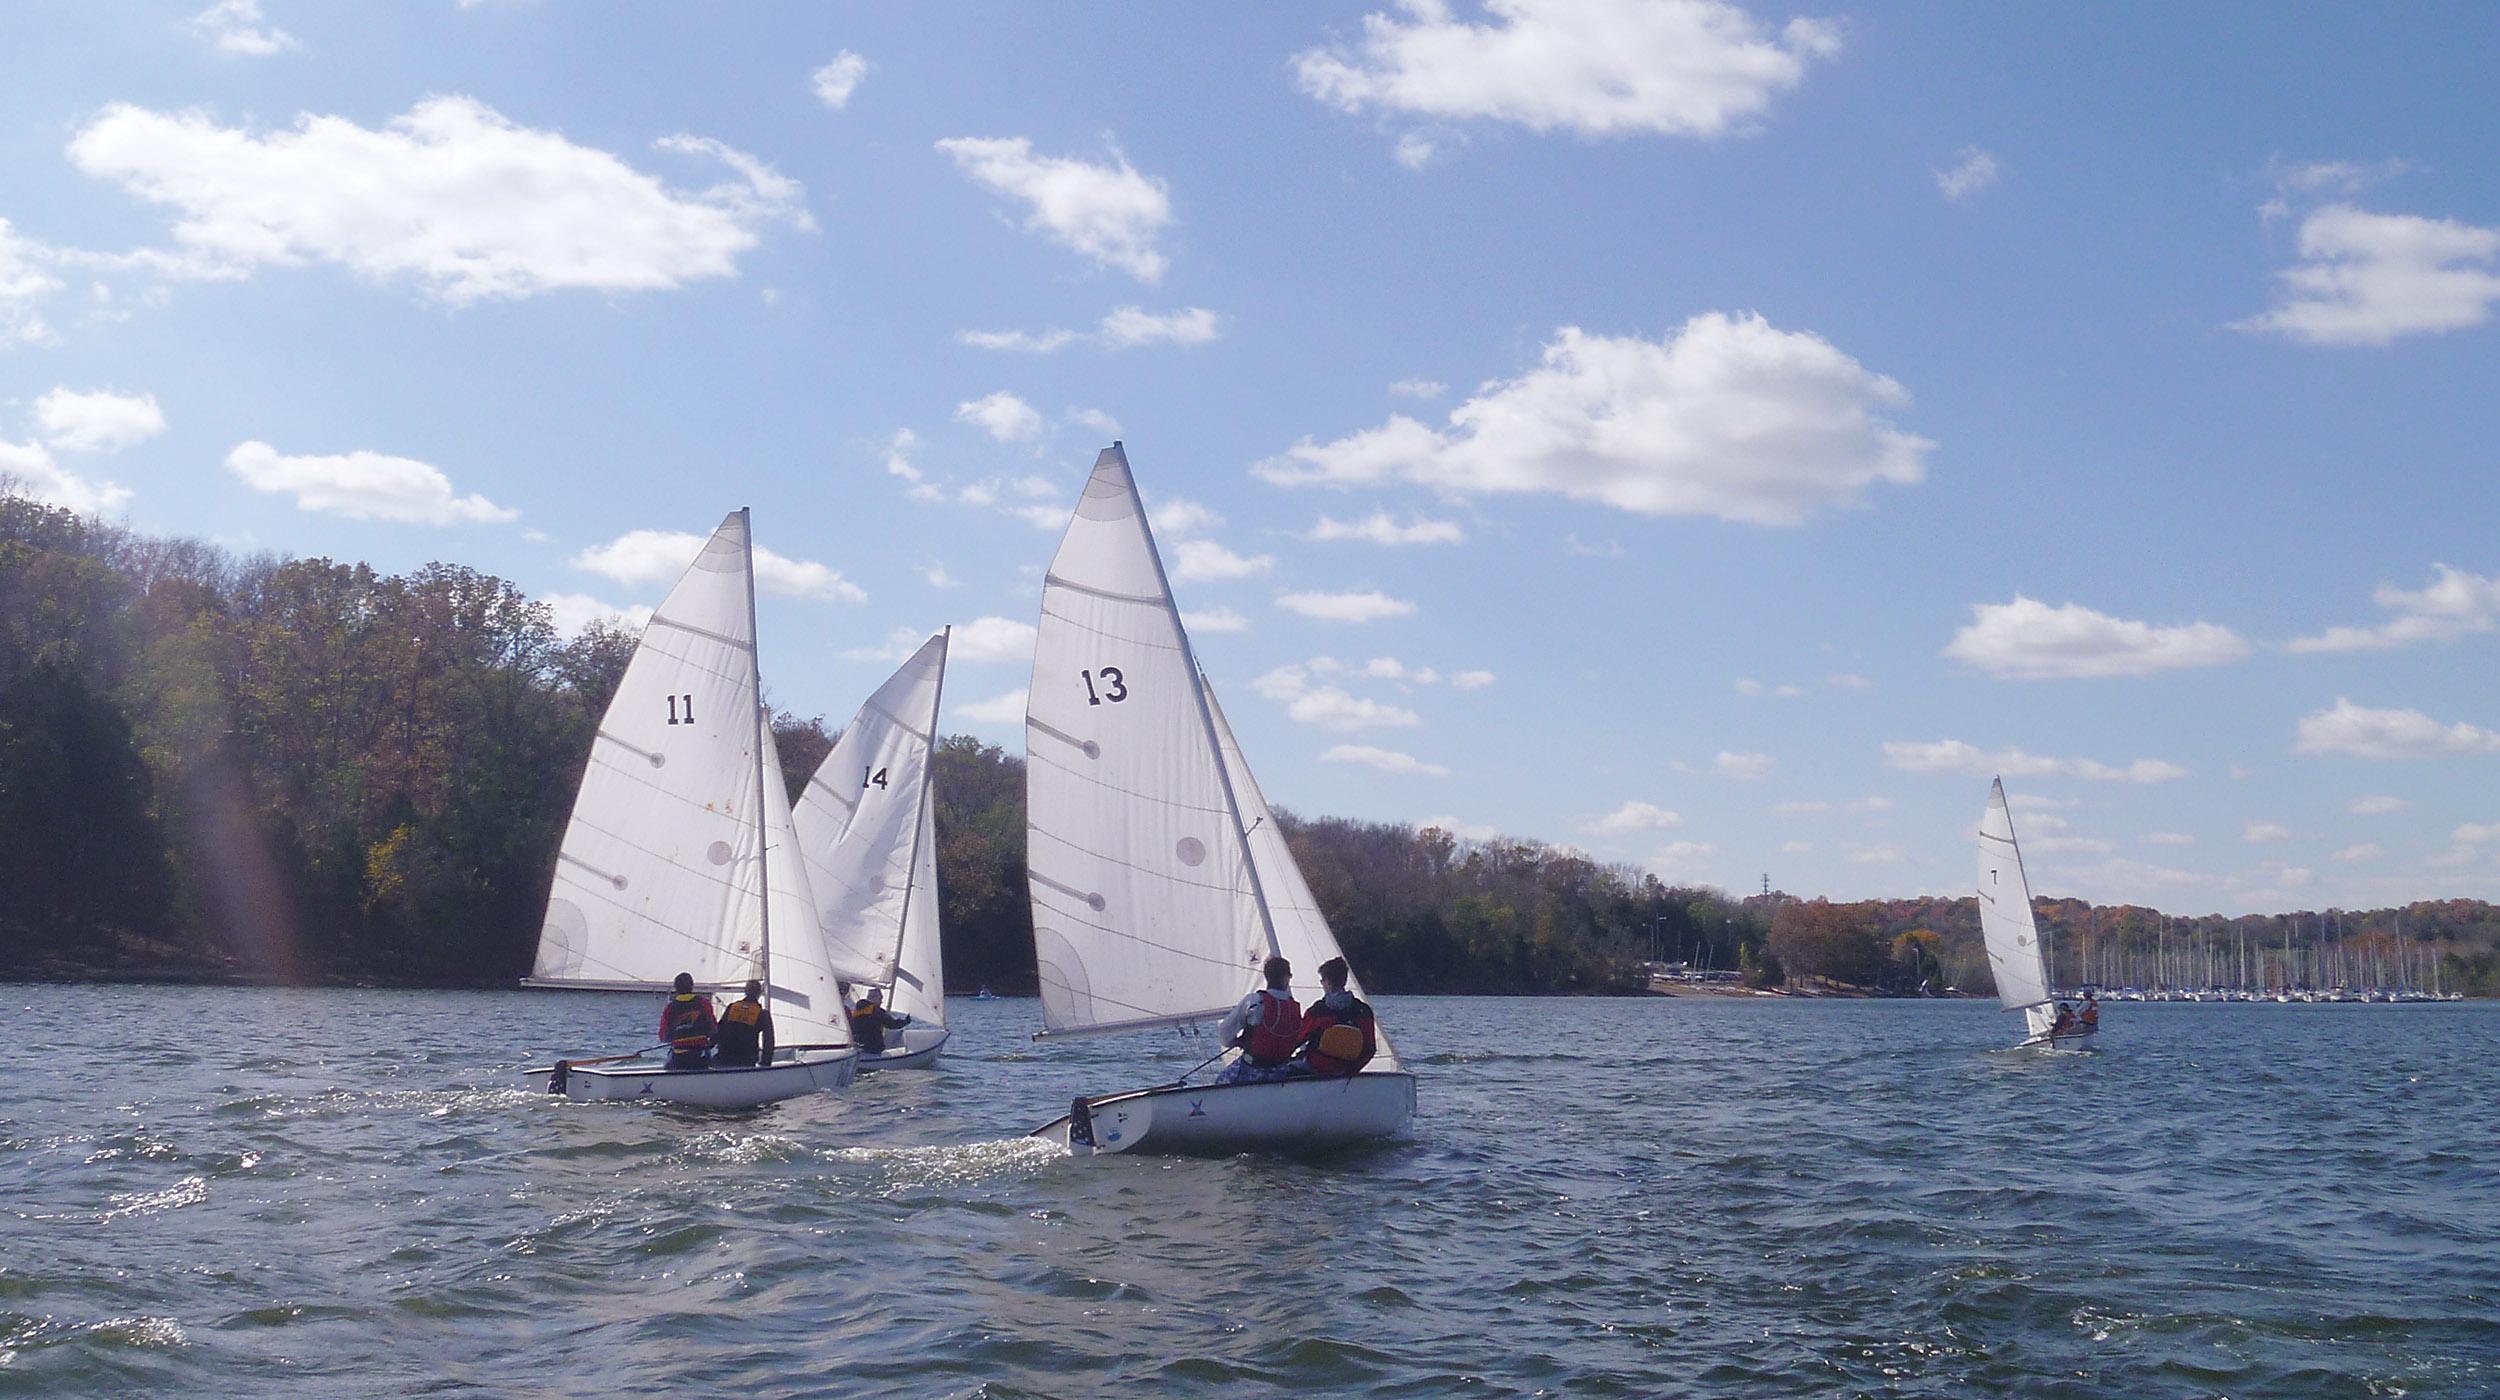 Photo of sailboats